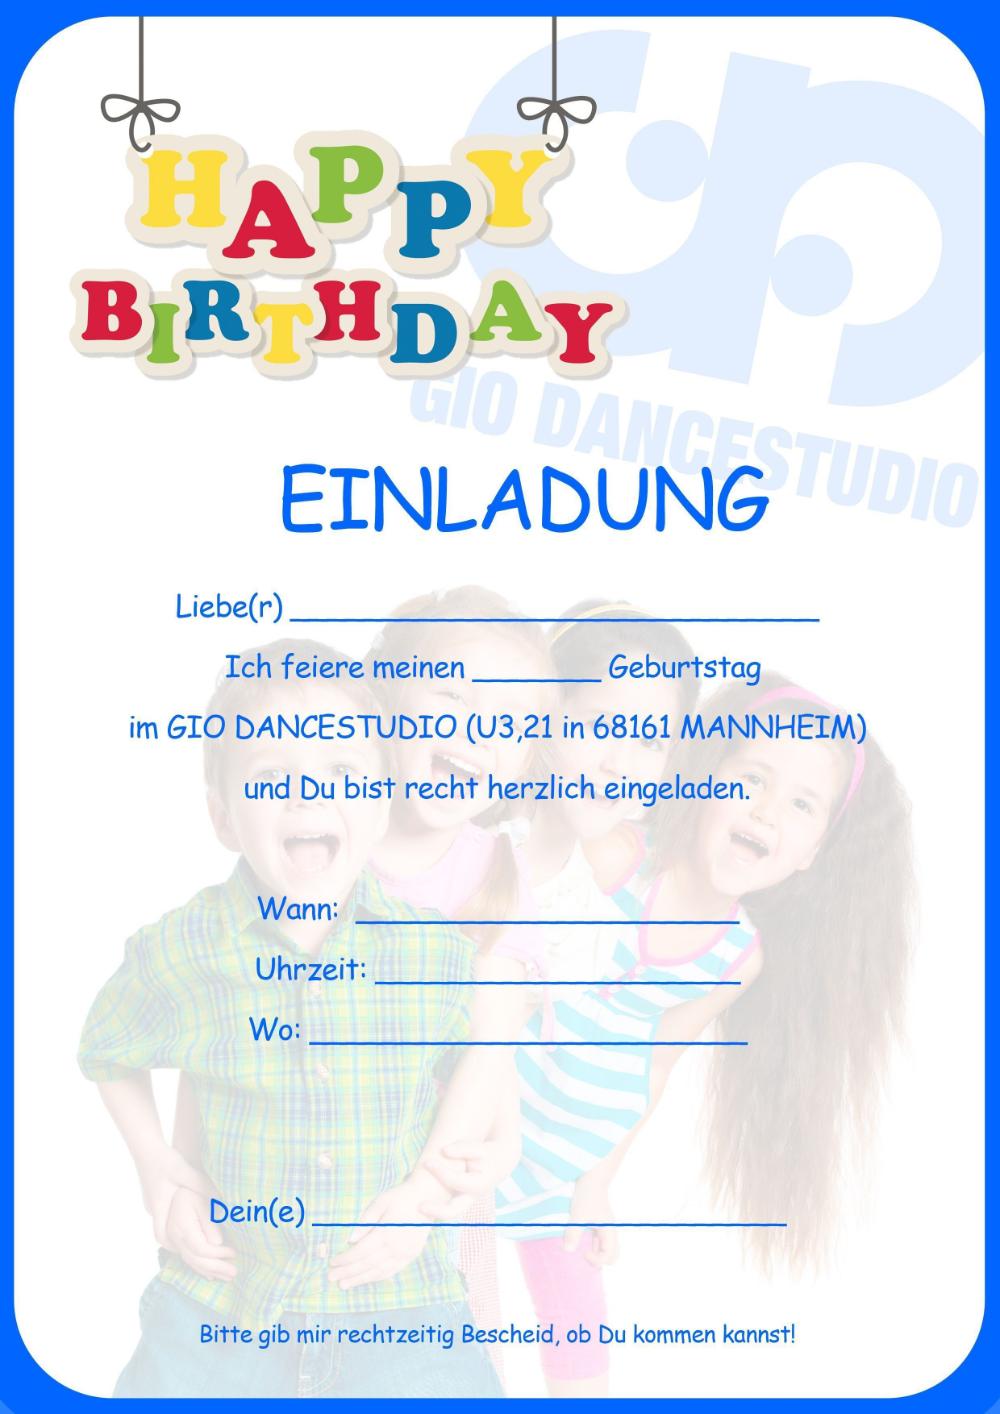 Einladung Kindergeburtstag Vorlage Geburtstag Einladungk Einladung Kindergeburtstag Kostenlos Einladungskarten Kindergeburtstag Einladung Kindergeburtstag Text